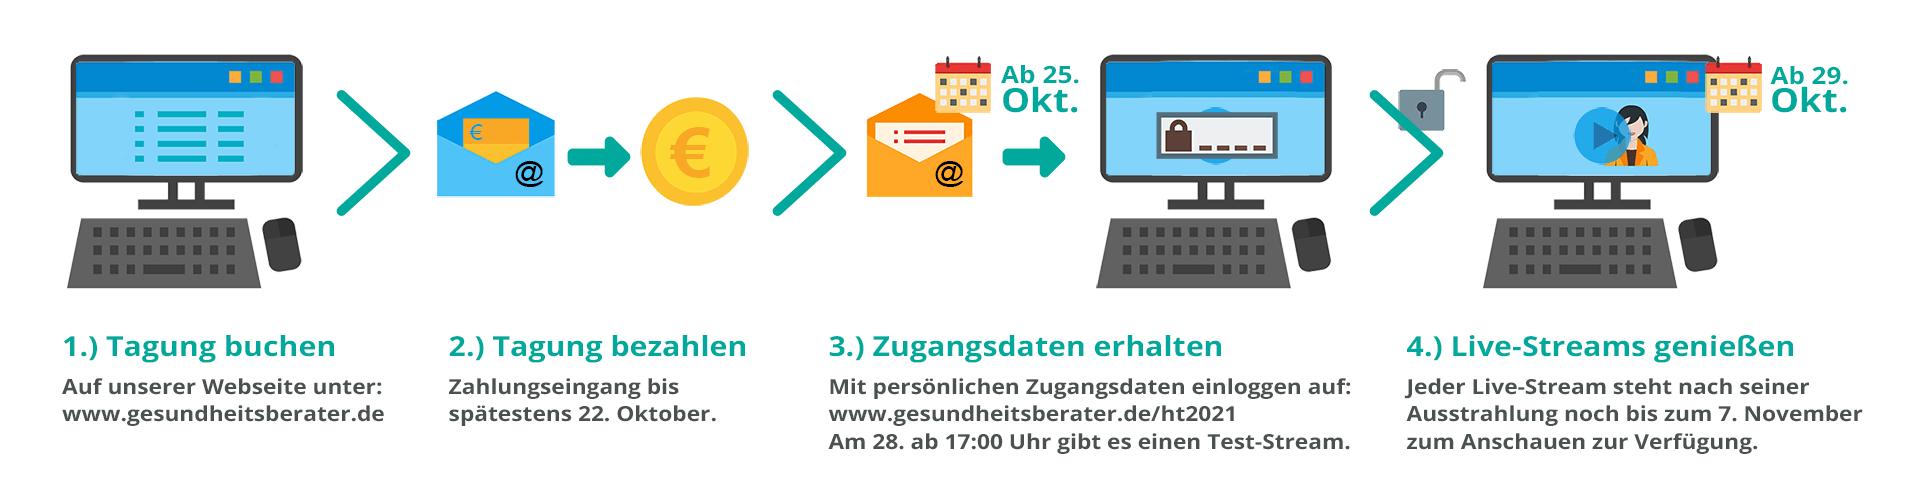 Technische Umsetzung Online-Tagung Herbst 2021